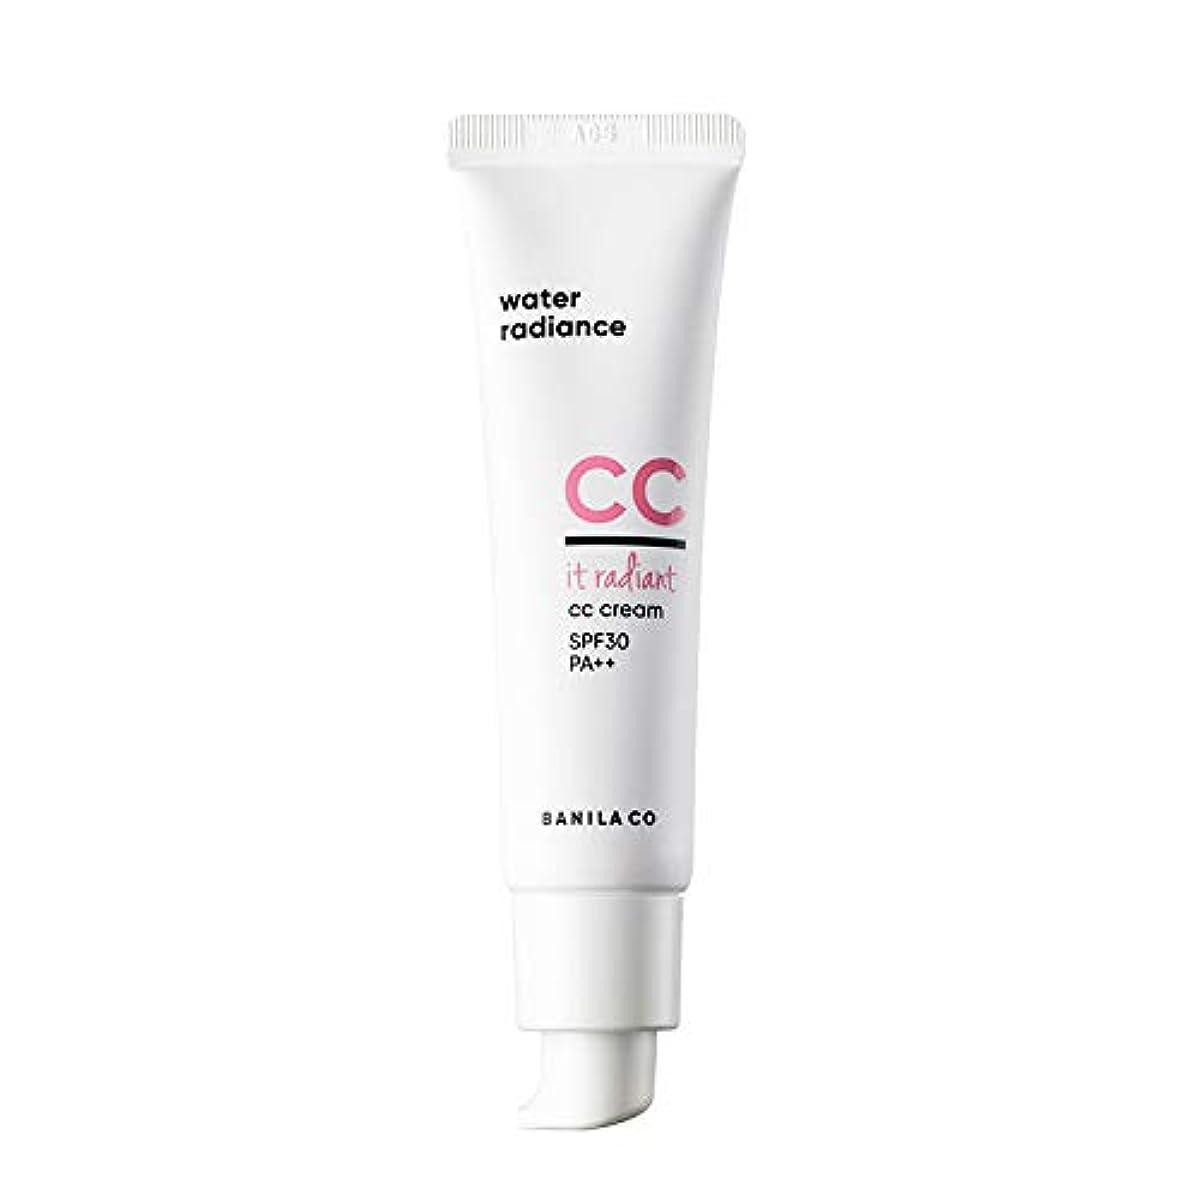 明日ラテン思い出させるBANILA CO(バニラコ) イットレディアント ccクリーム It Radiant CC Cream